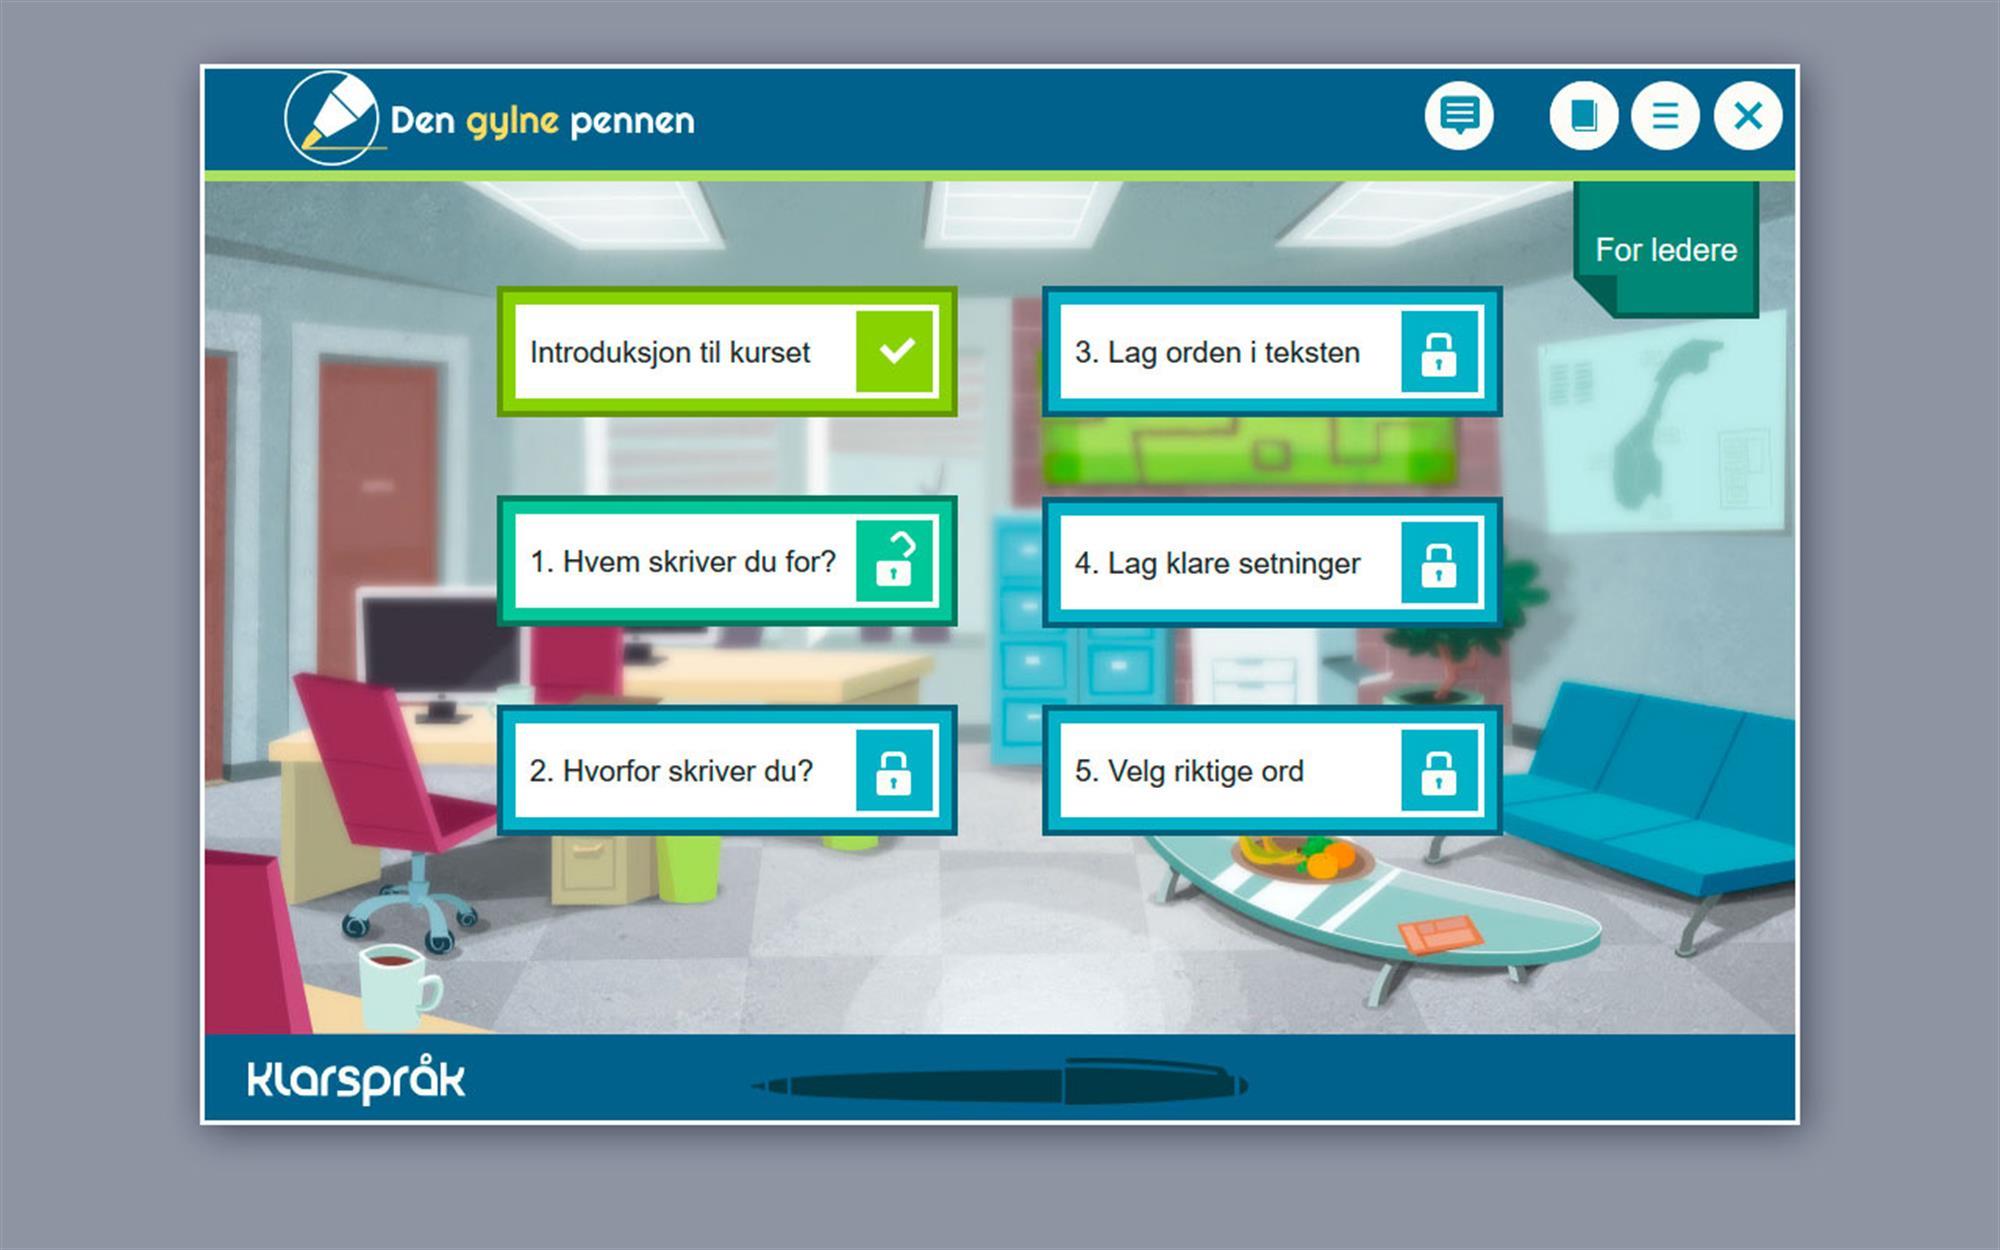 Digital Læring Apropos - Pennen 3